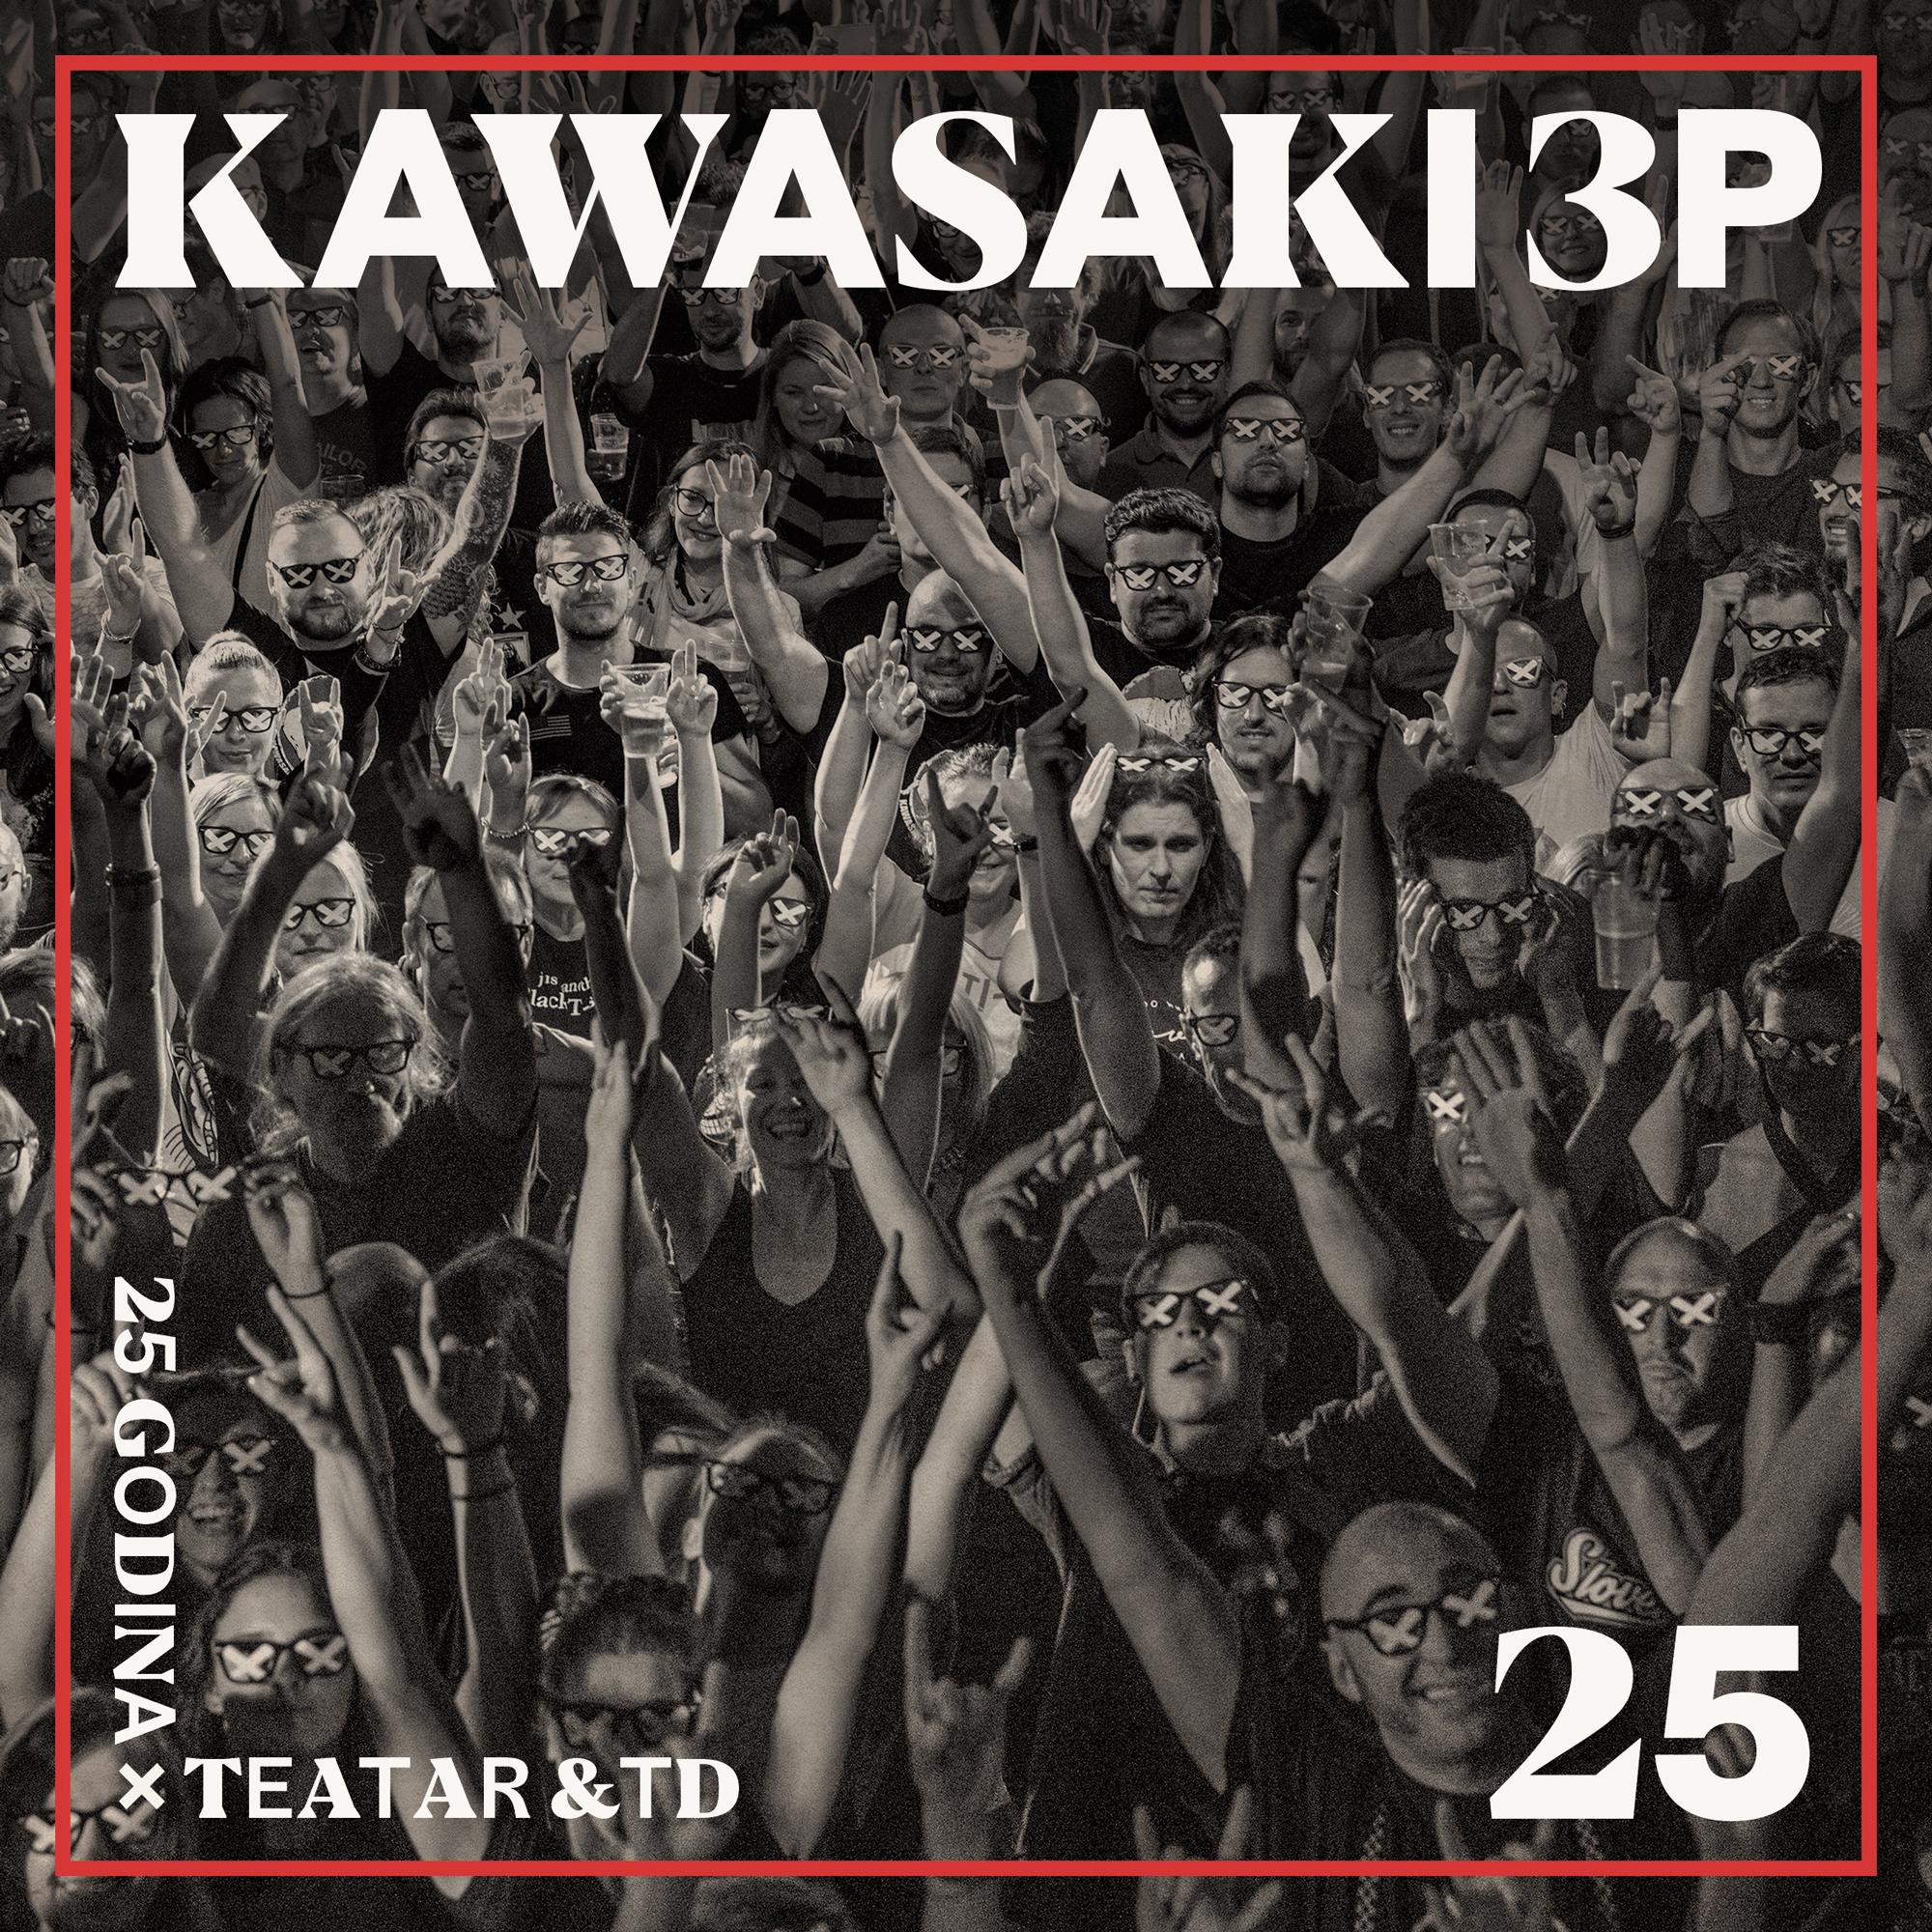 Kawasaki 3p spreman za prvi live DVD i CD!